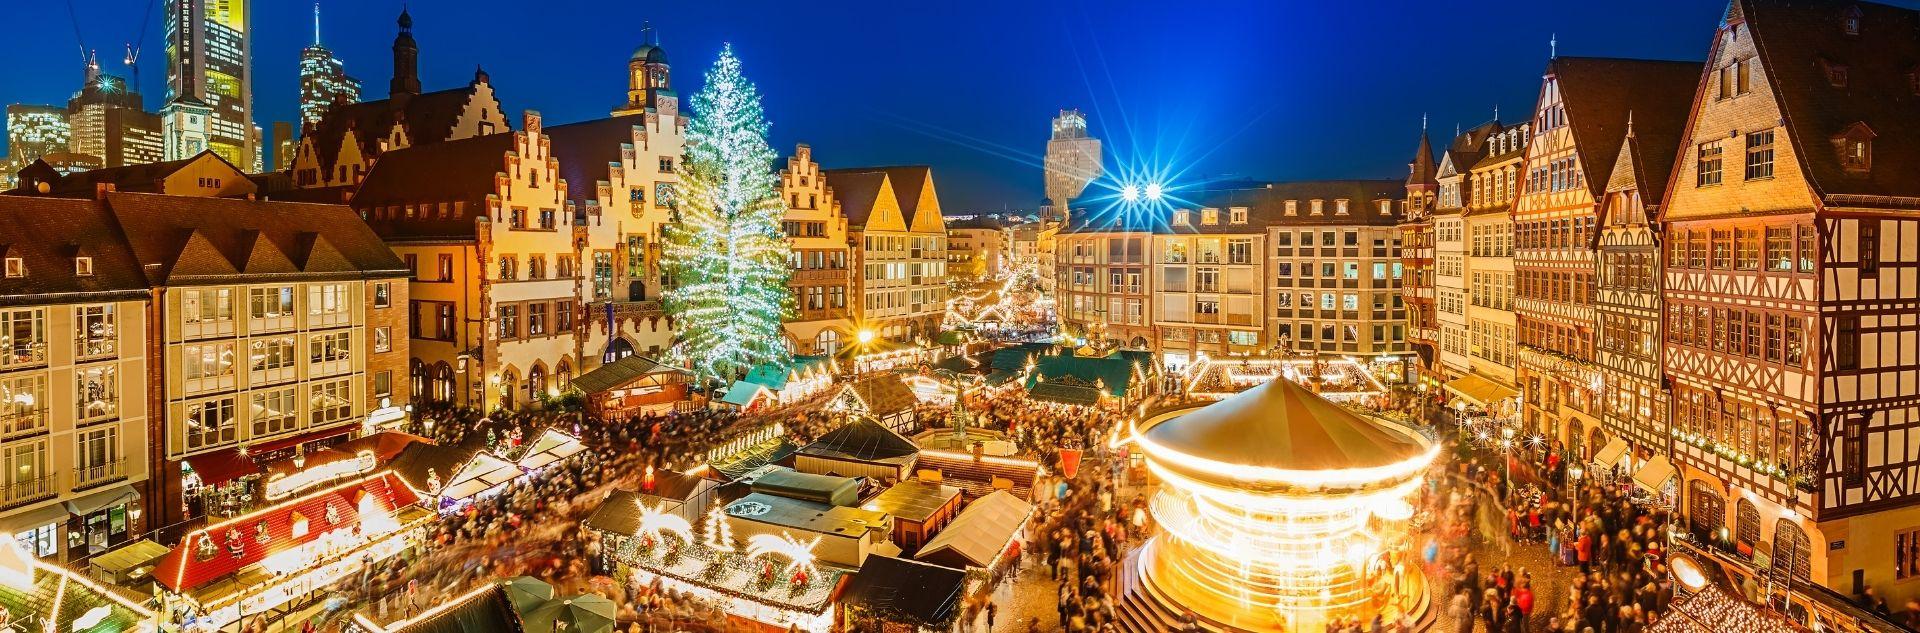 Frankfurt Römer, Weihnachtsmarkt